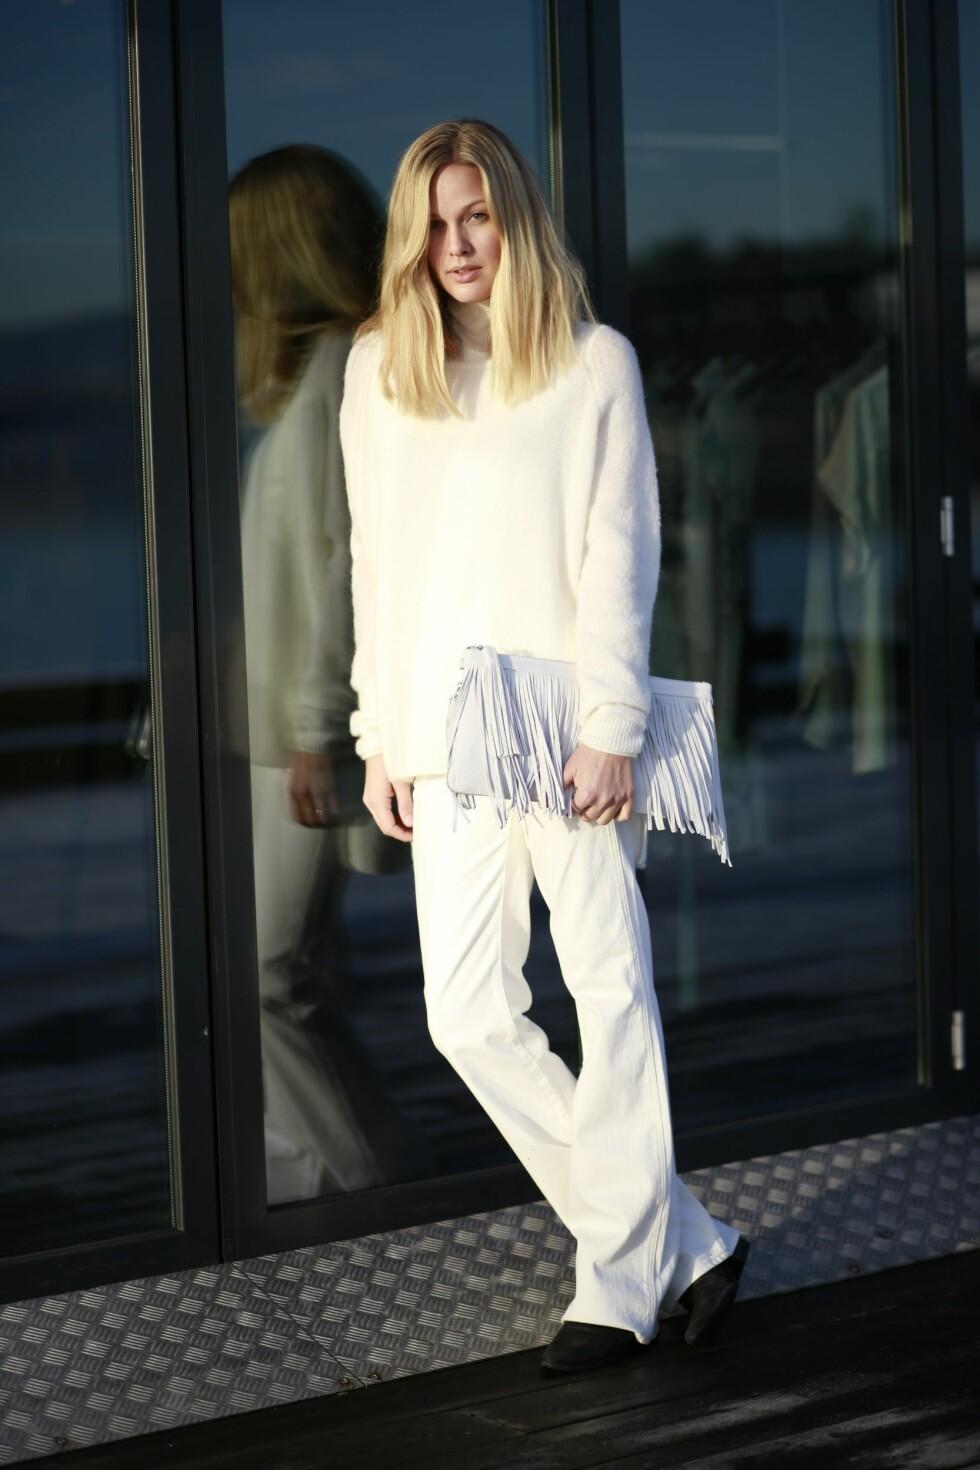 HELHVITT: Maria fortsetter sommerens hvite trend også denne vinteren! Foto: Mariaskappel.no